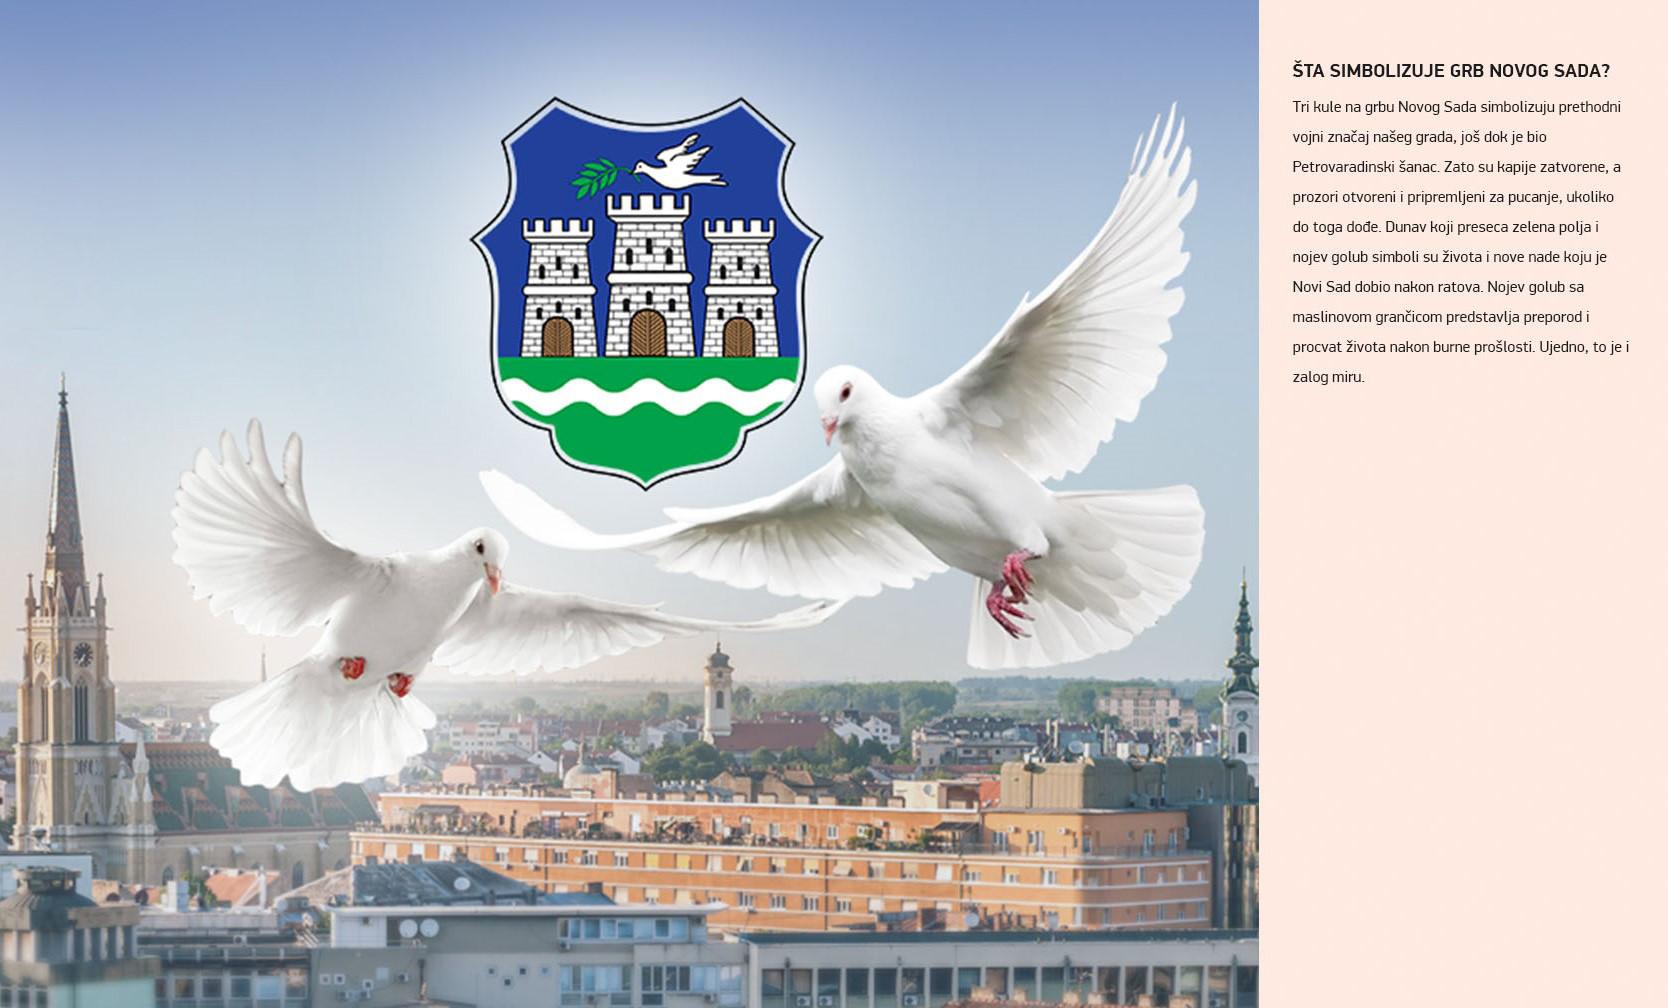 Šta simbolizuje grb Novog Sada